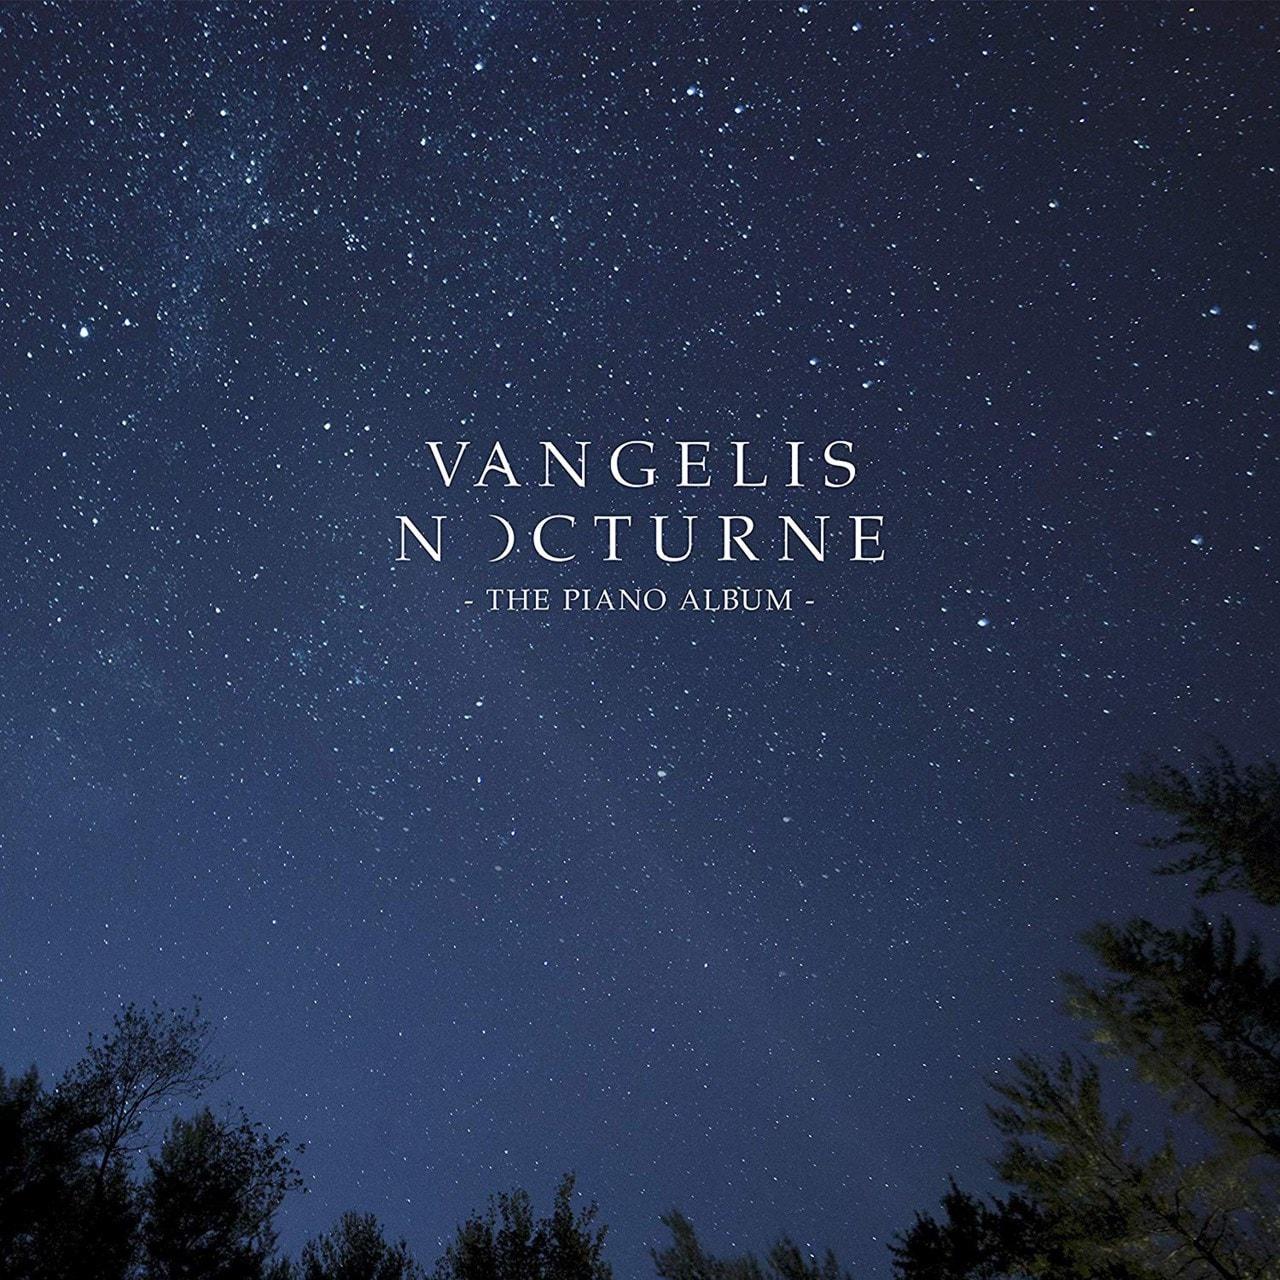 Nocturne: The Piano Album - 1